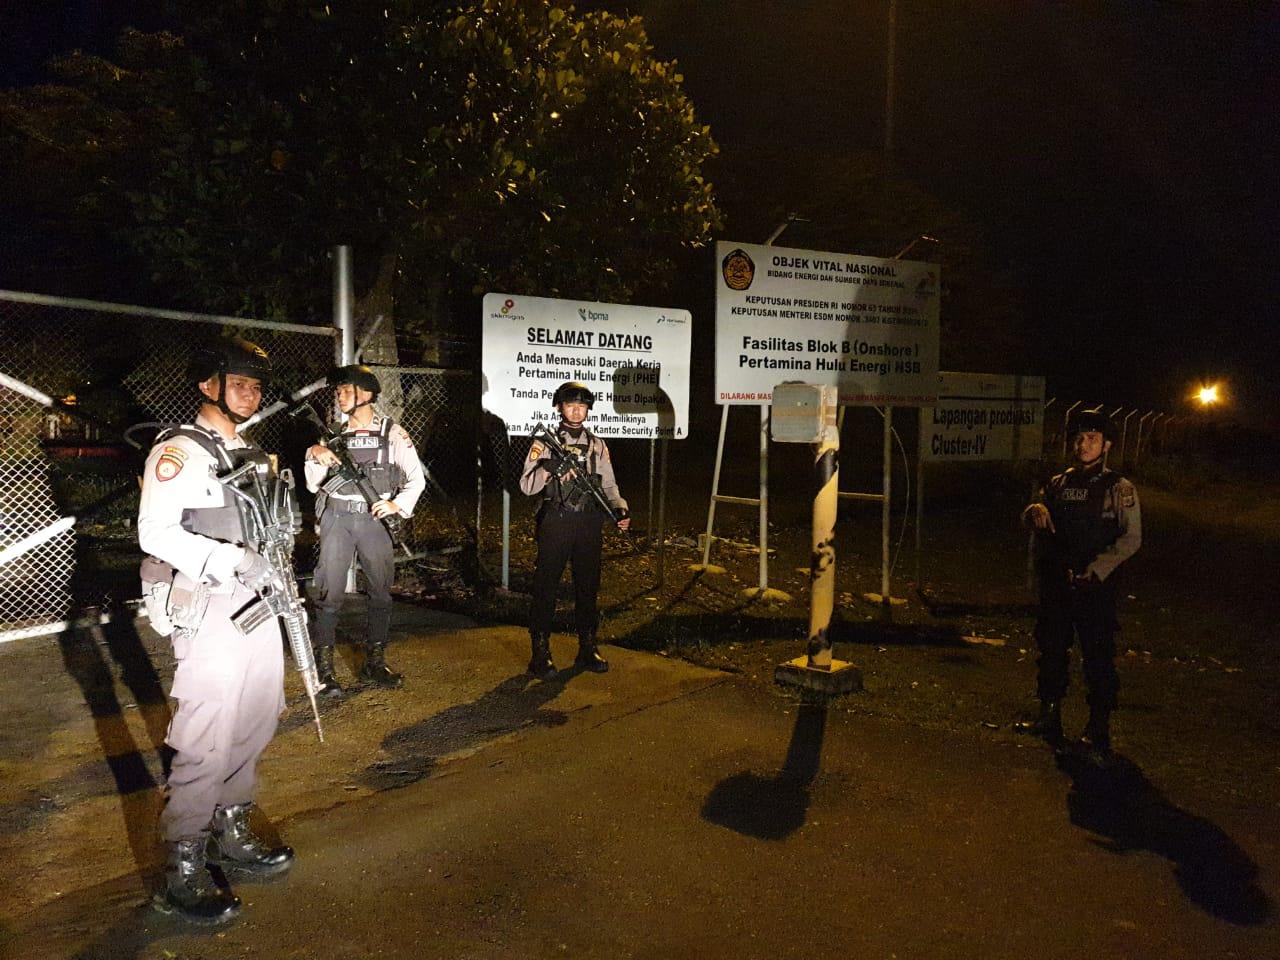 Polres Aceh Utara Tingkatkan Patroli Selama Ramadhan, Ini Alasannya